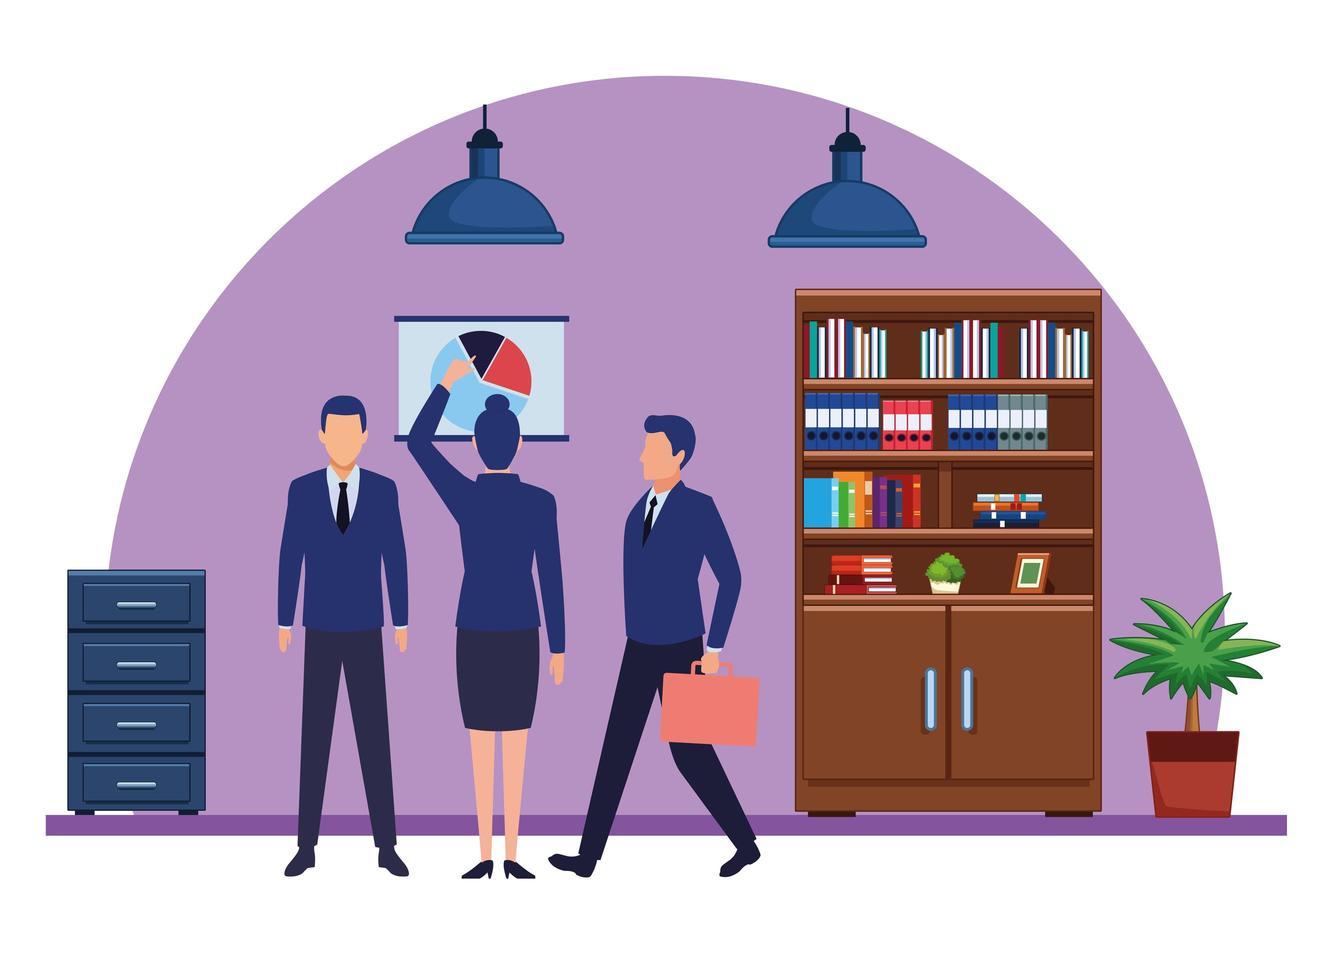 affärsmän på kontoret gör olika aktiviteter vektor